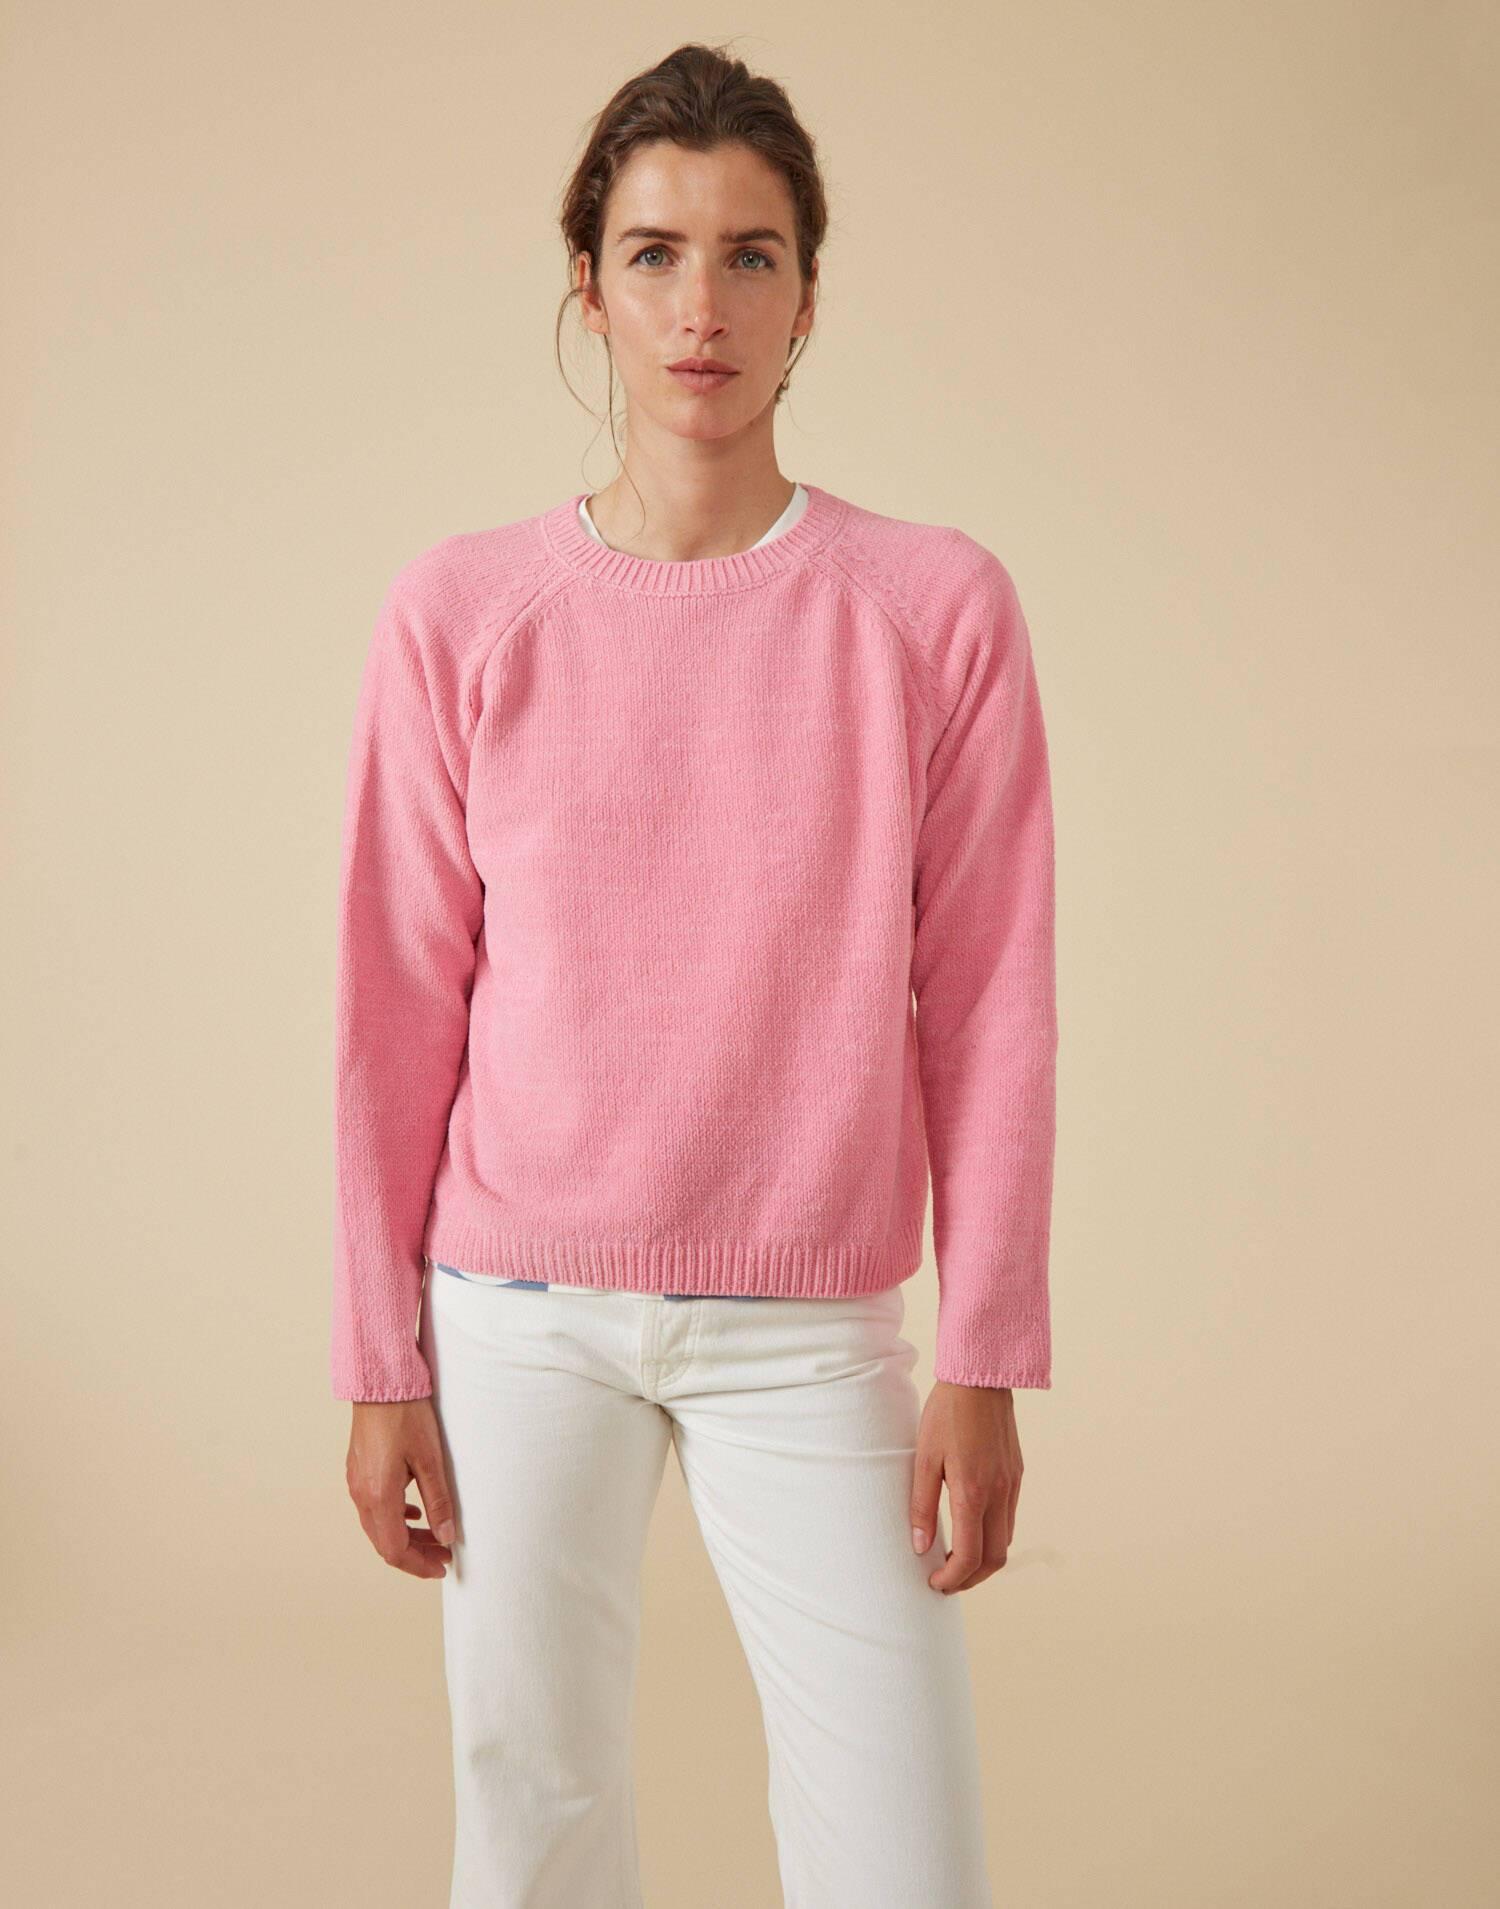 Rundhals raglan-pullover aus chenille